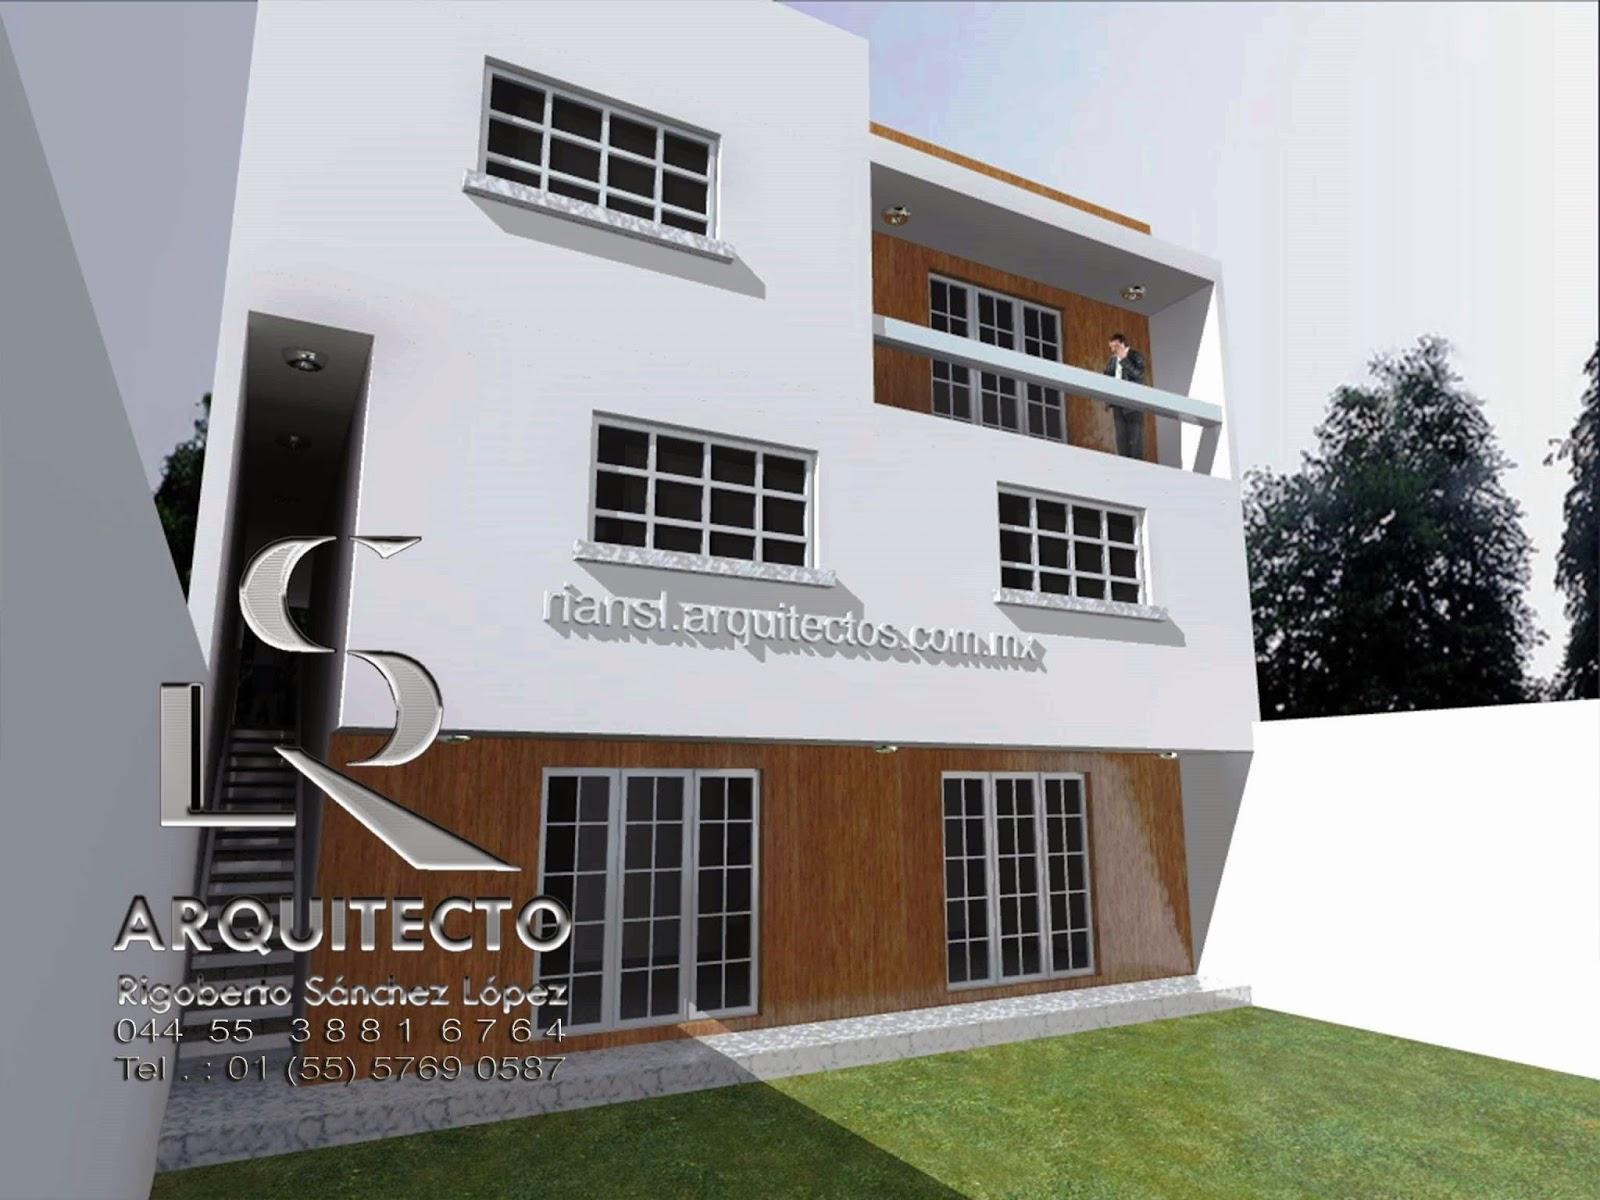 Proyectos virtuales dise o de casa habitaci n en 3d arq for Carros para planos arquitectonicos